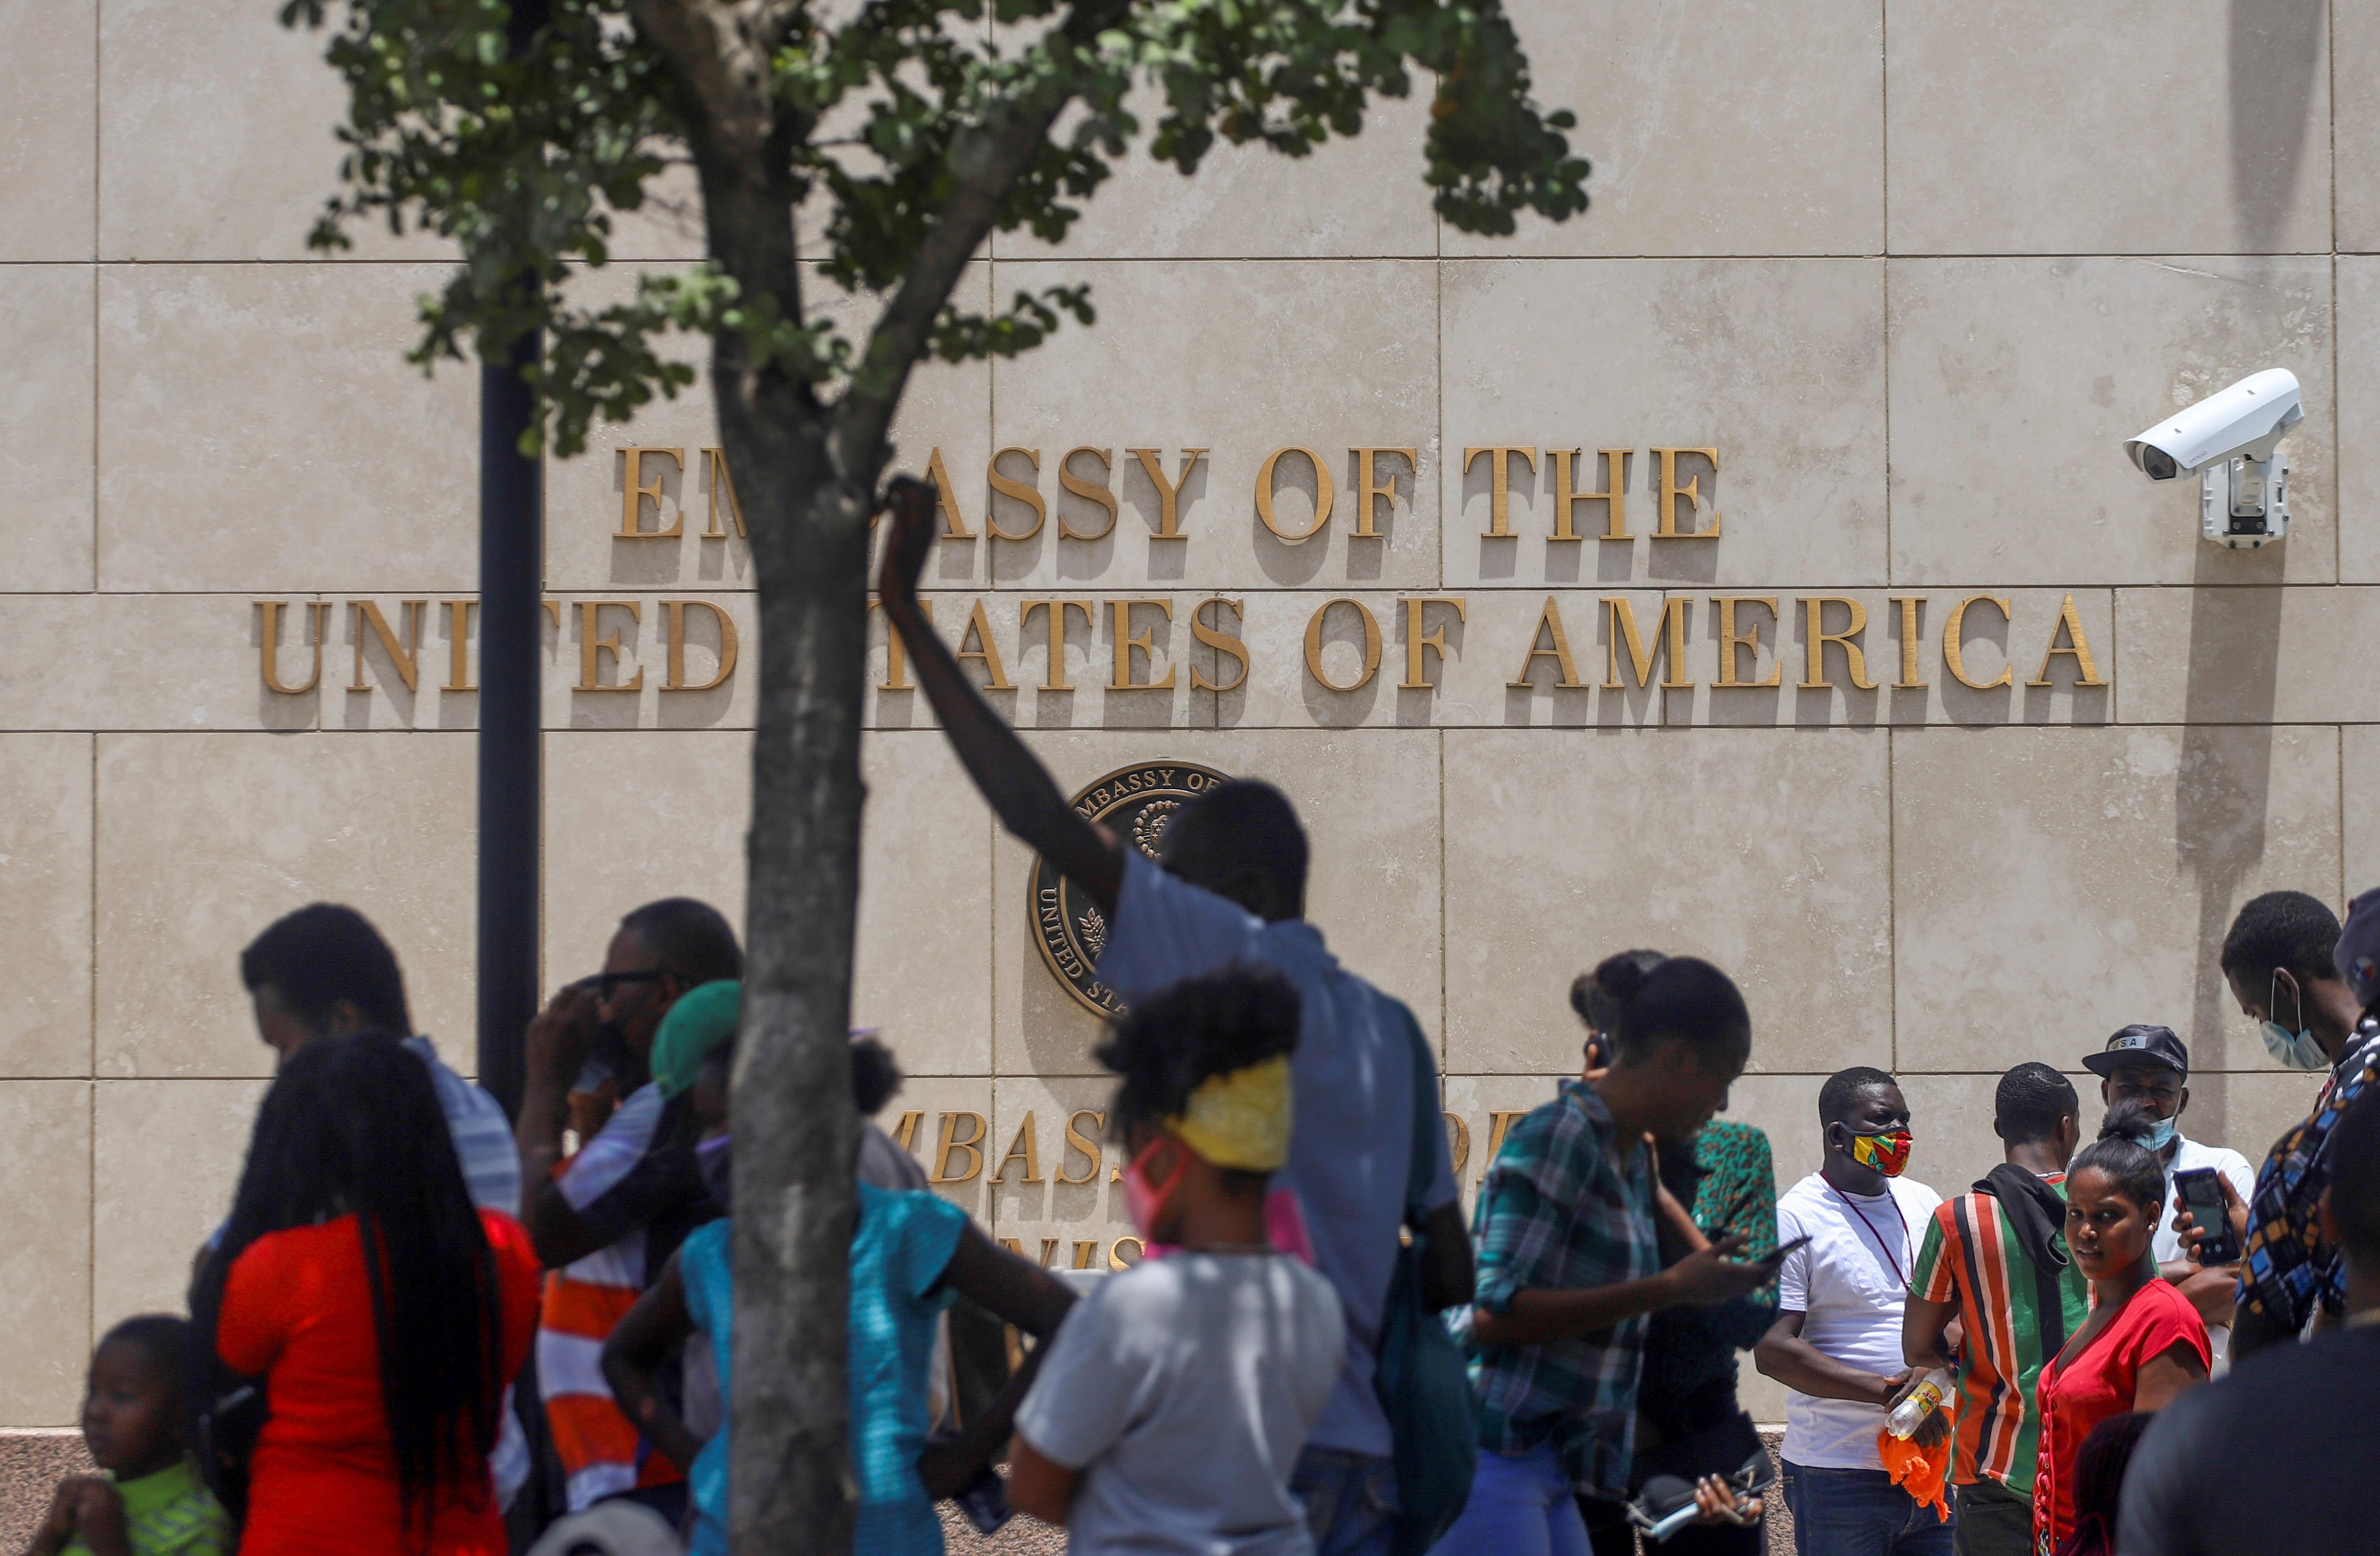 Los haitianos se reúnen frente a la embajada de los Estados Unidos después del asesinato del presidente Jovenel Moise, en Puerto Príncipe, Haití, el 9 de julio de 2021. REUTERS / Estailove St-Val